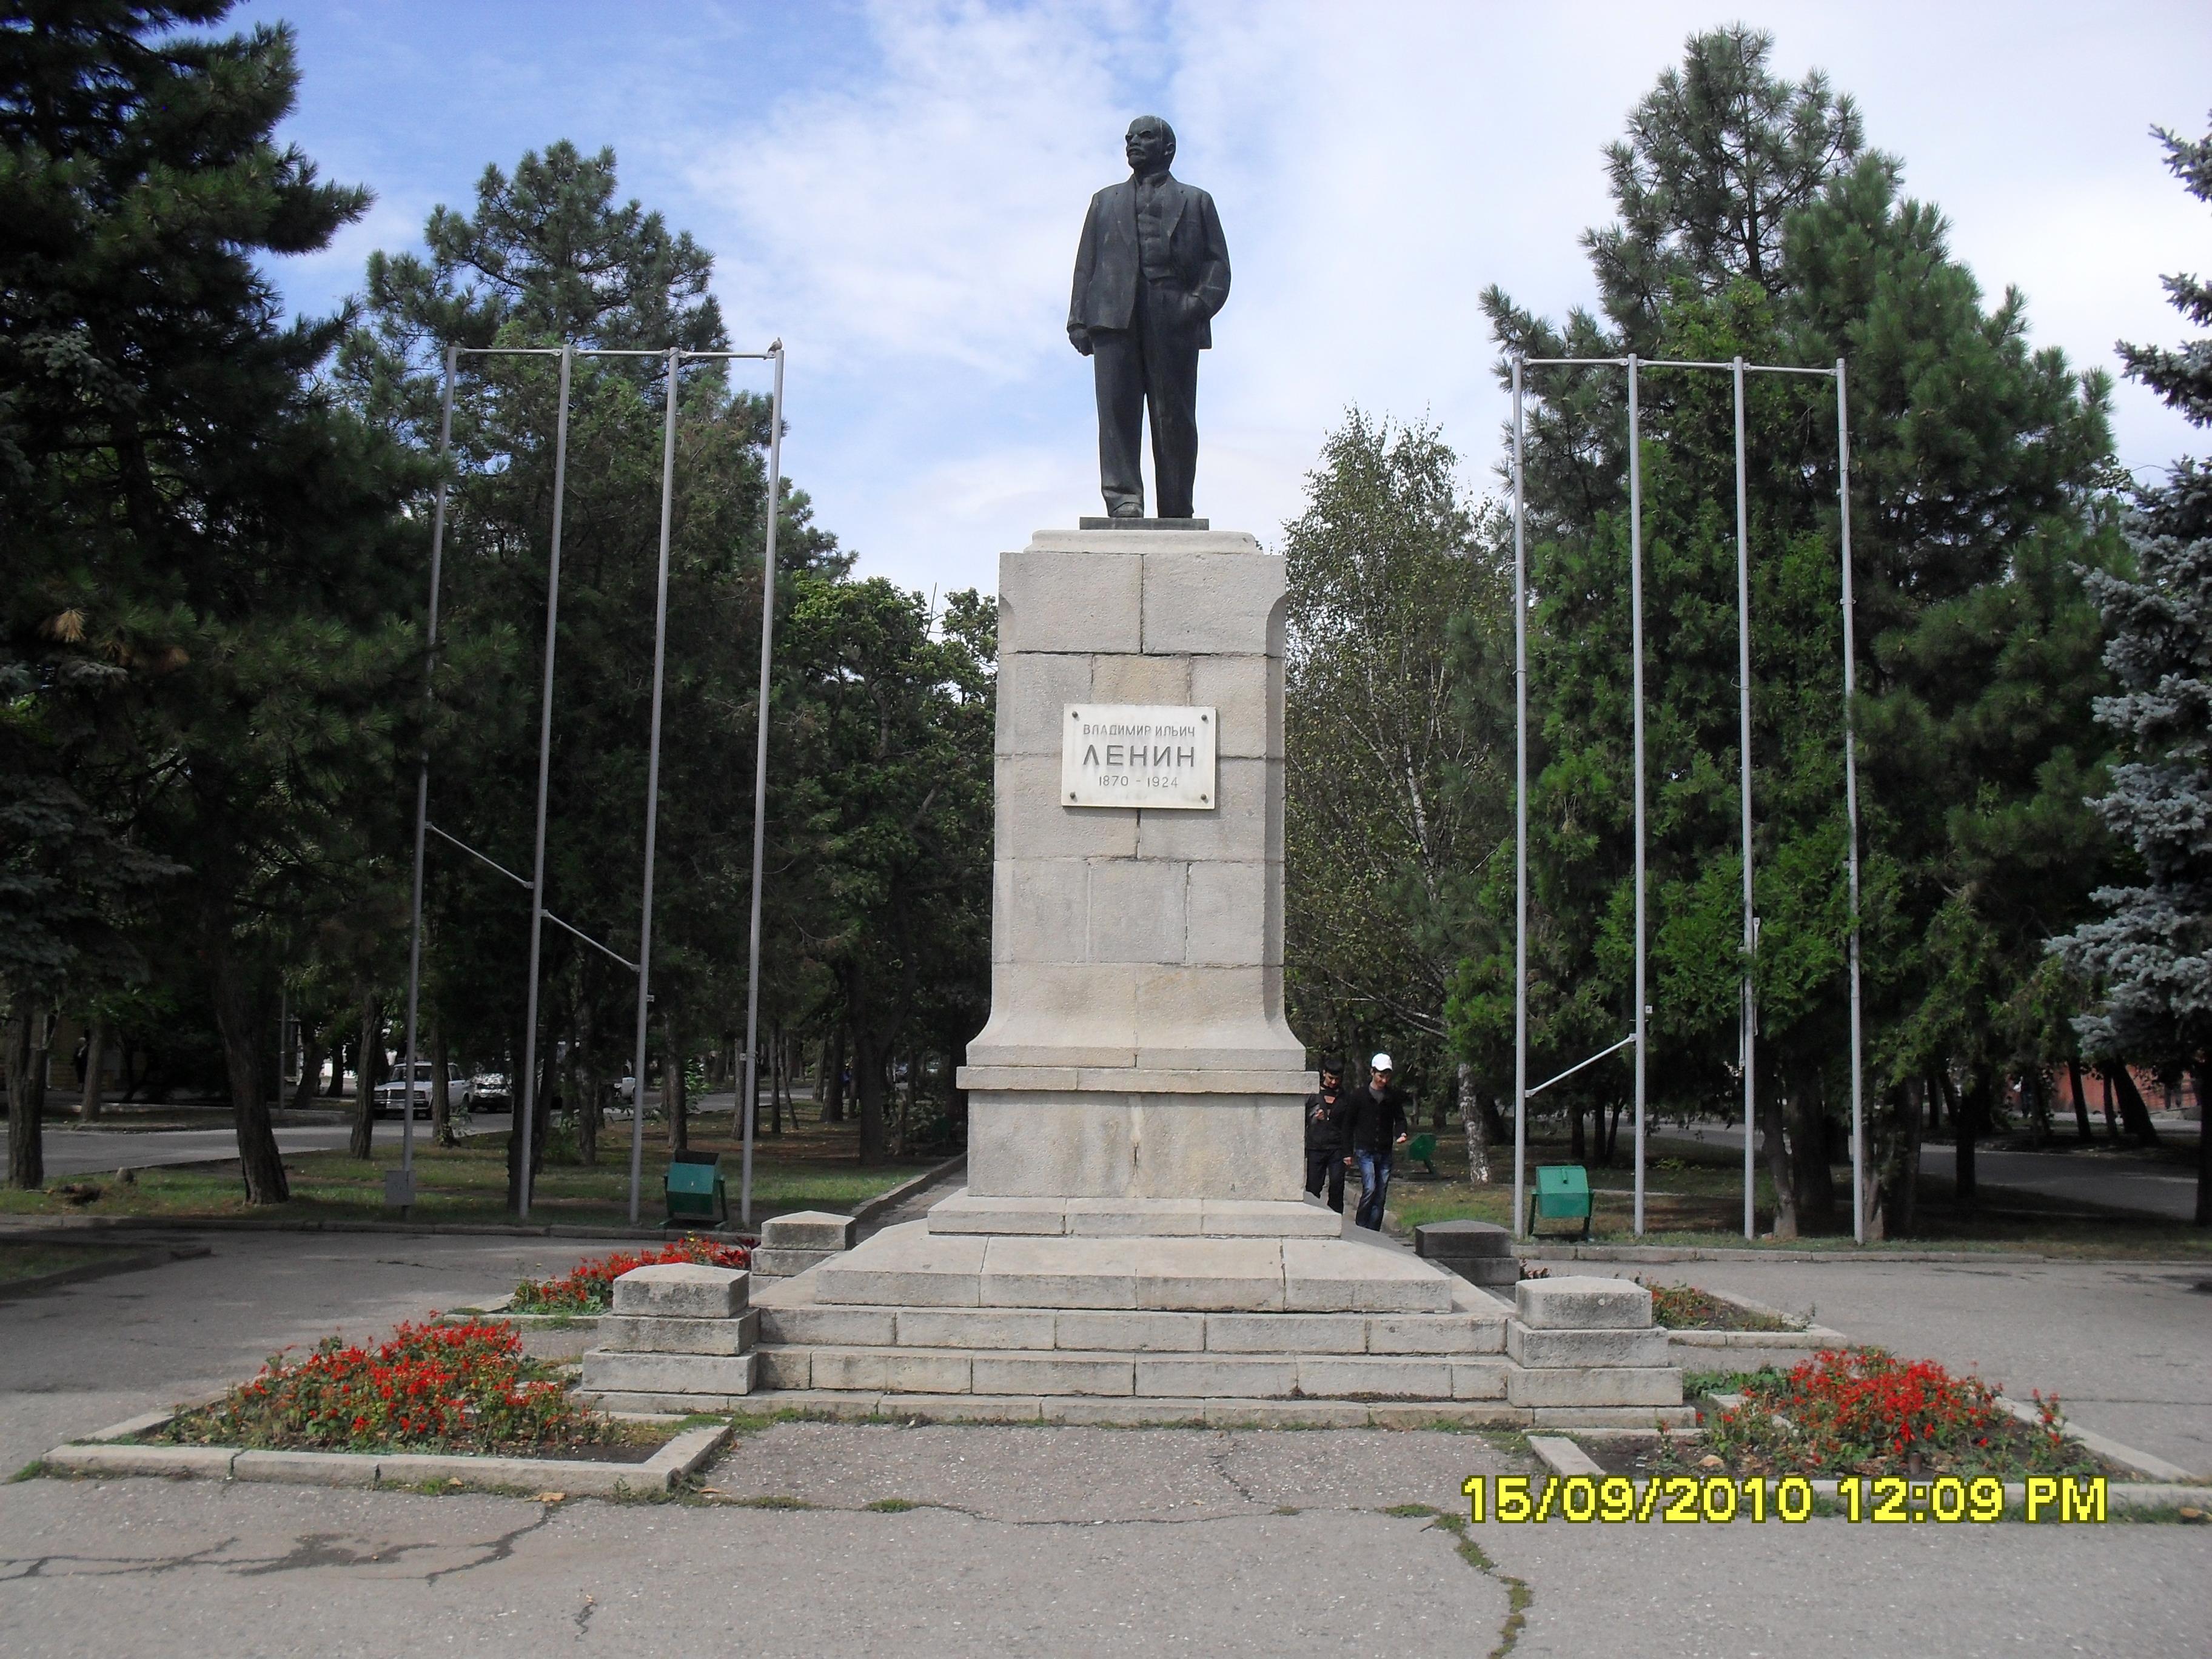 Памятники в городе минеральные воды гранитные скульптуры